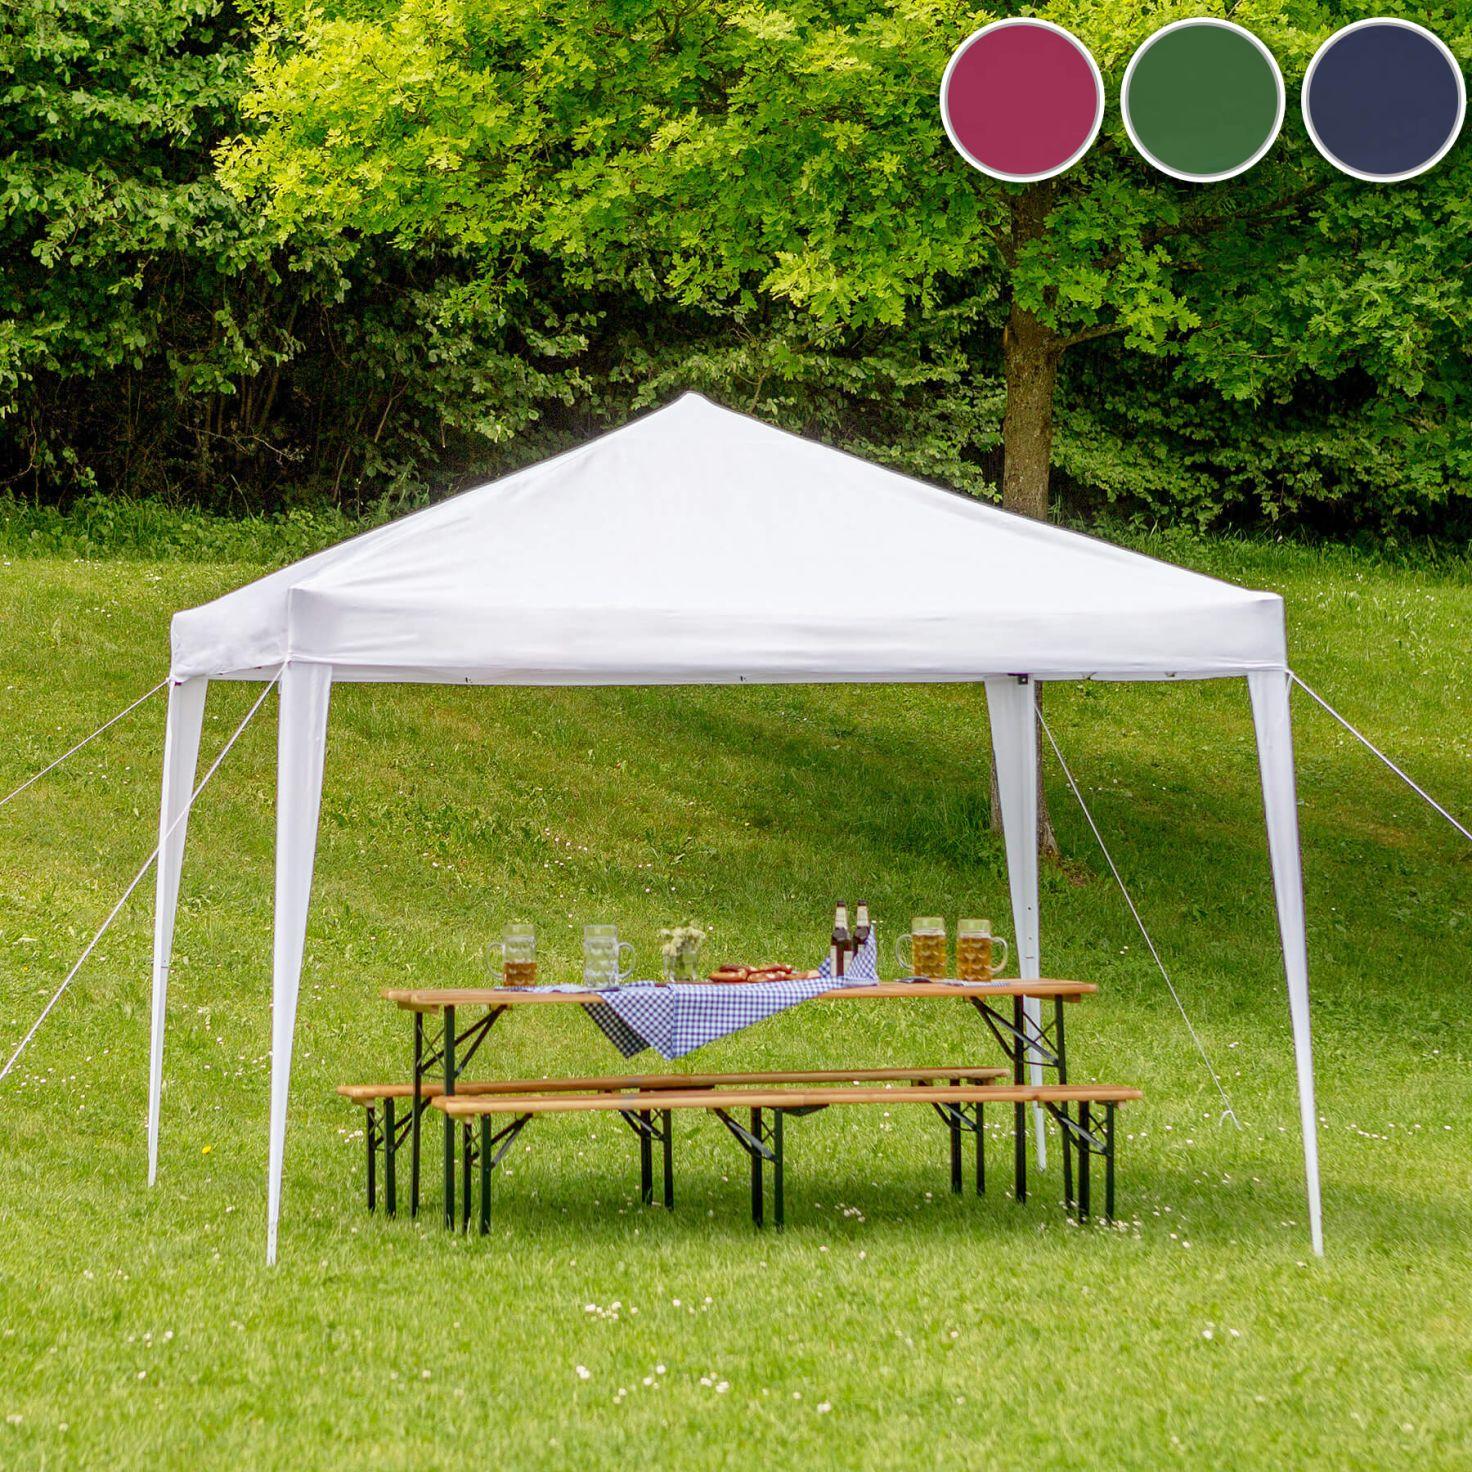 Full Size of Garten Pavillion 3x3 Gartenpavillon Metall Rund Pavillon Aus Holz Glas Zelt 3x4 Wetterfest Rundes Dach Luxus Faltbarer 3x3m Gnstig Online Kaufen Tectake Garten Garten Pavillion